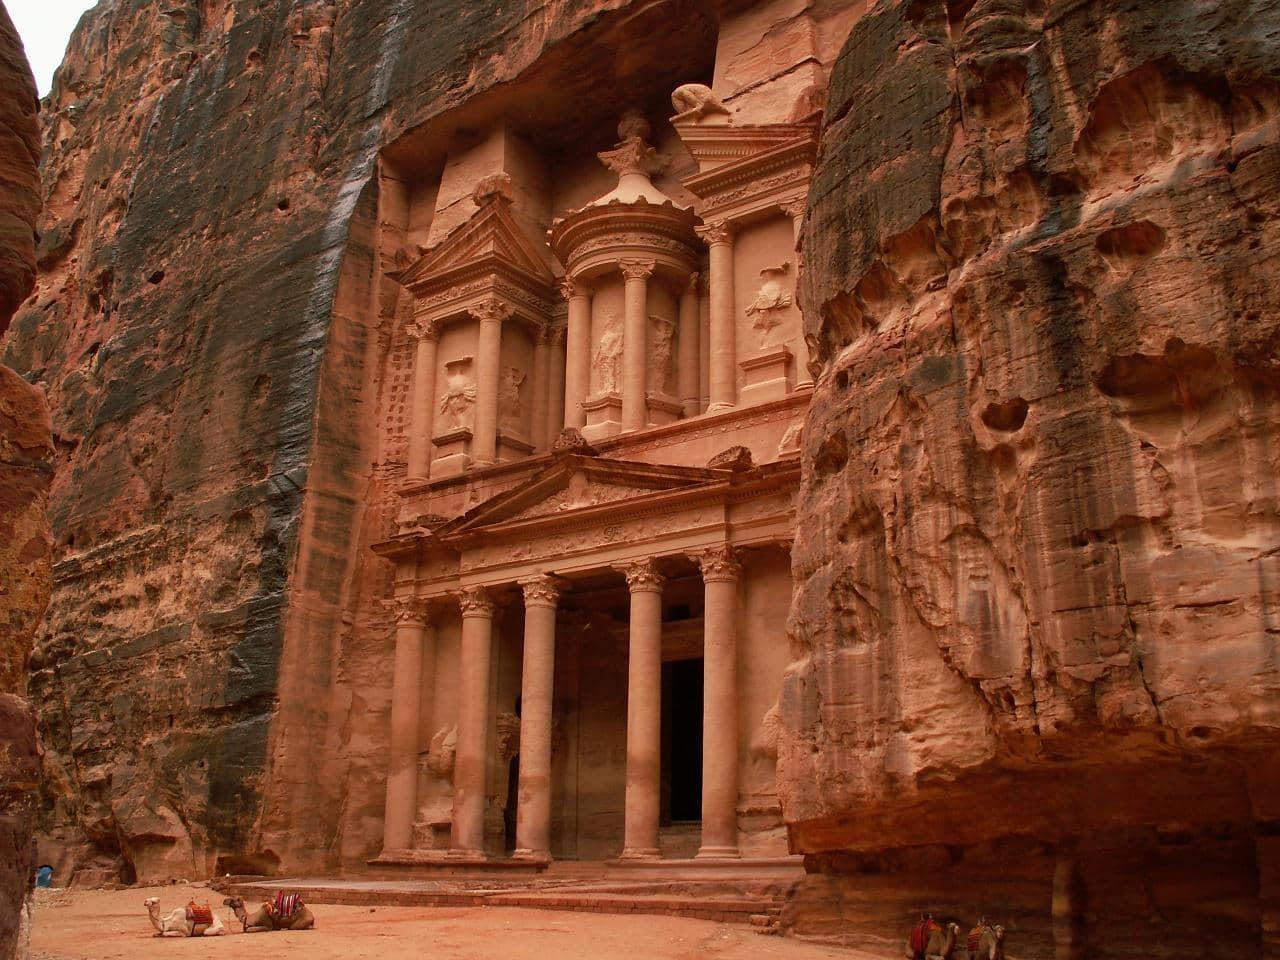 petra, jordan, 20 Most Beautiful Places